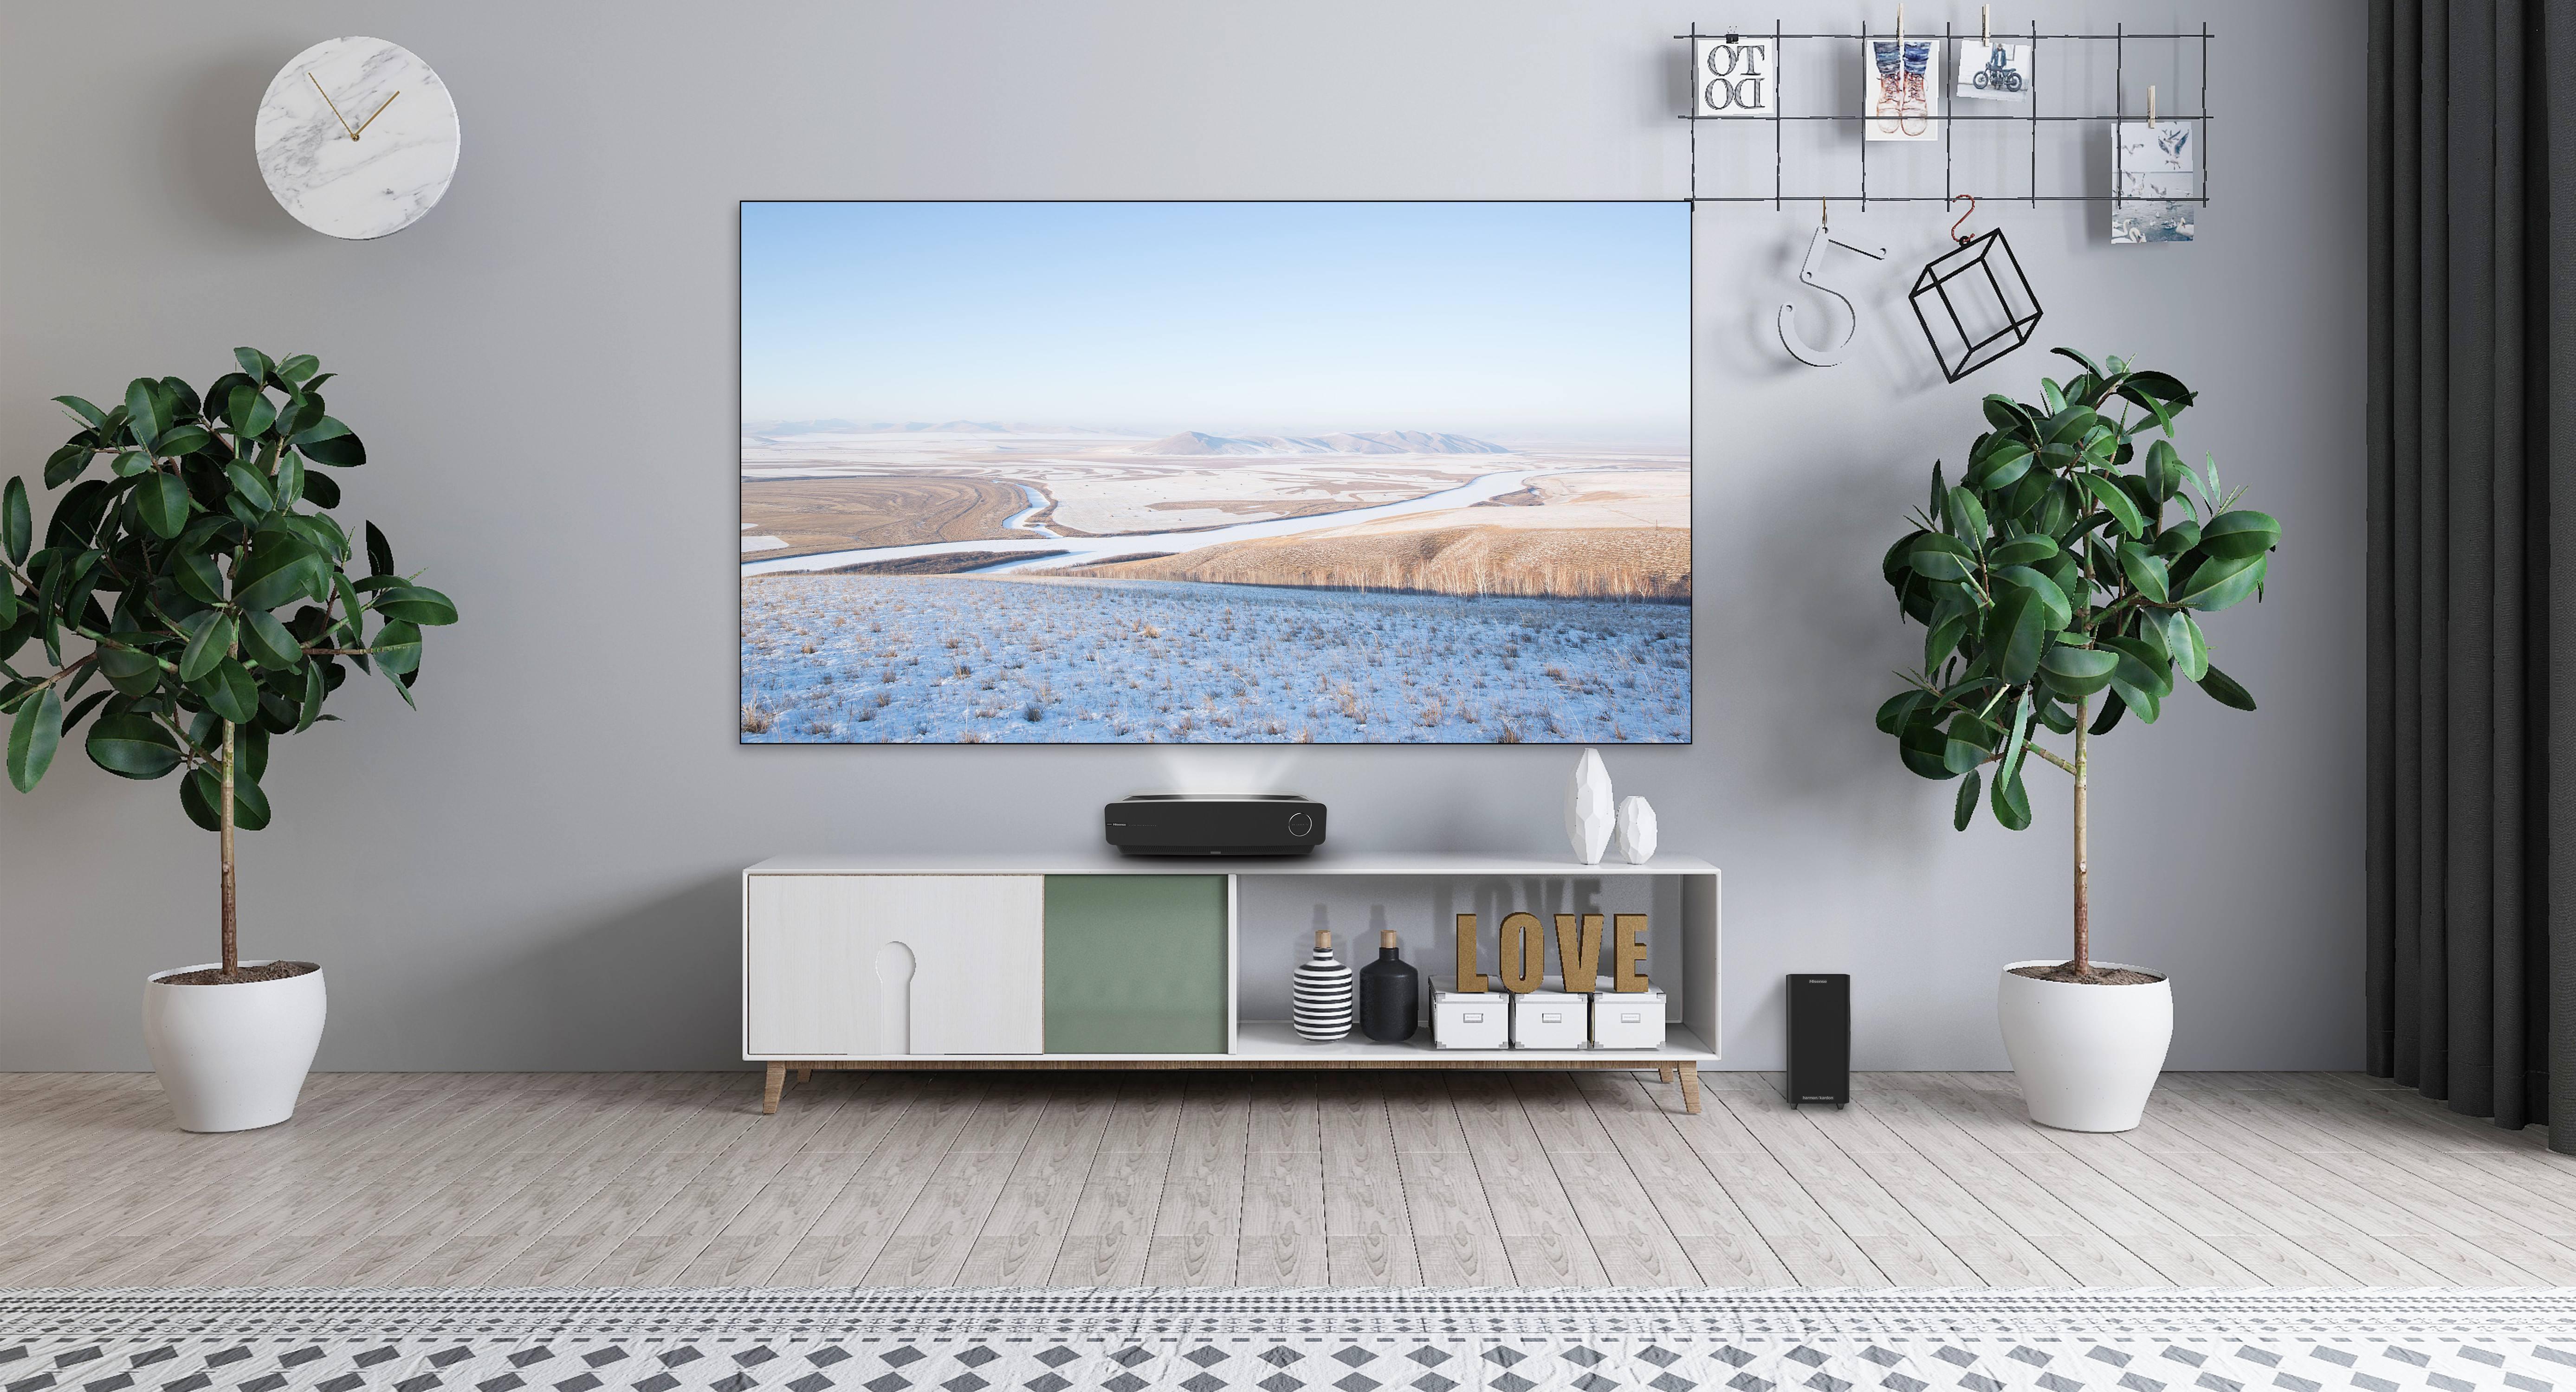 什么是激光电视